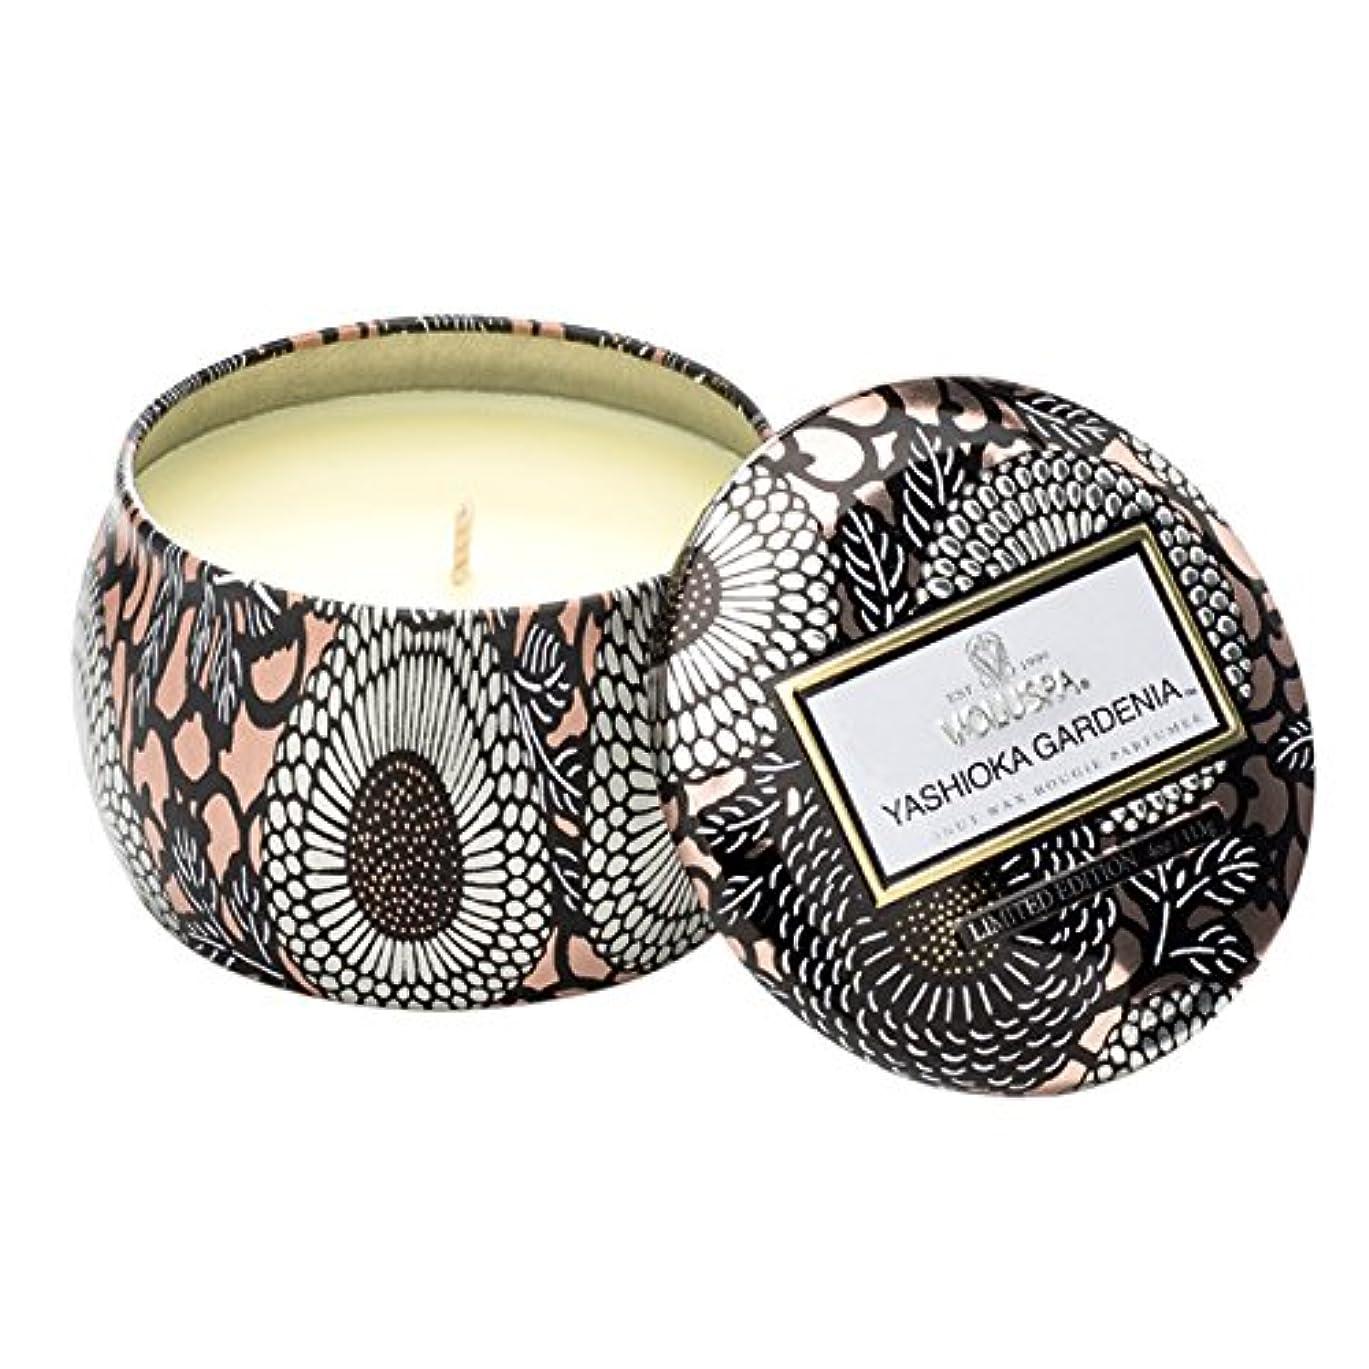 知覚的むさぼり食う不機嫌そうなVoluspa ボルスパ ジャポニカ リミテッド ティンキャンドル  S ヤシオカガーデニア YASHIOKA GARDENIA JAPONICA Limited PETITE Tin Glass Candle